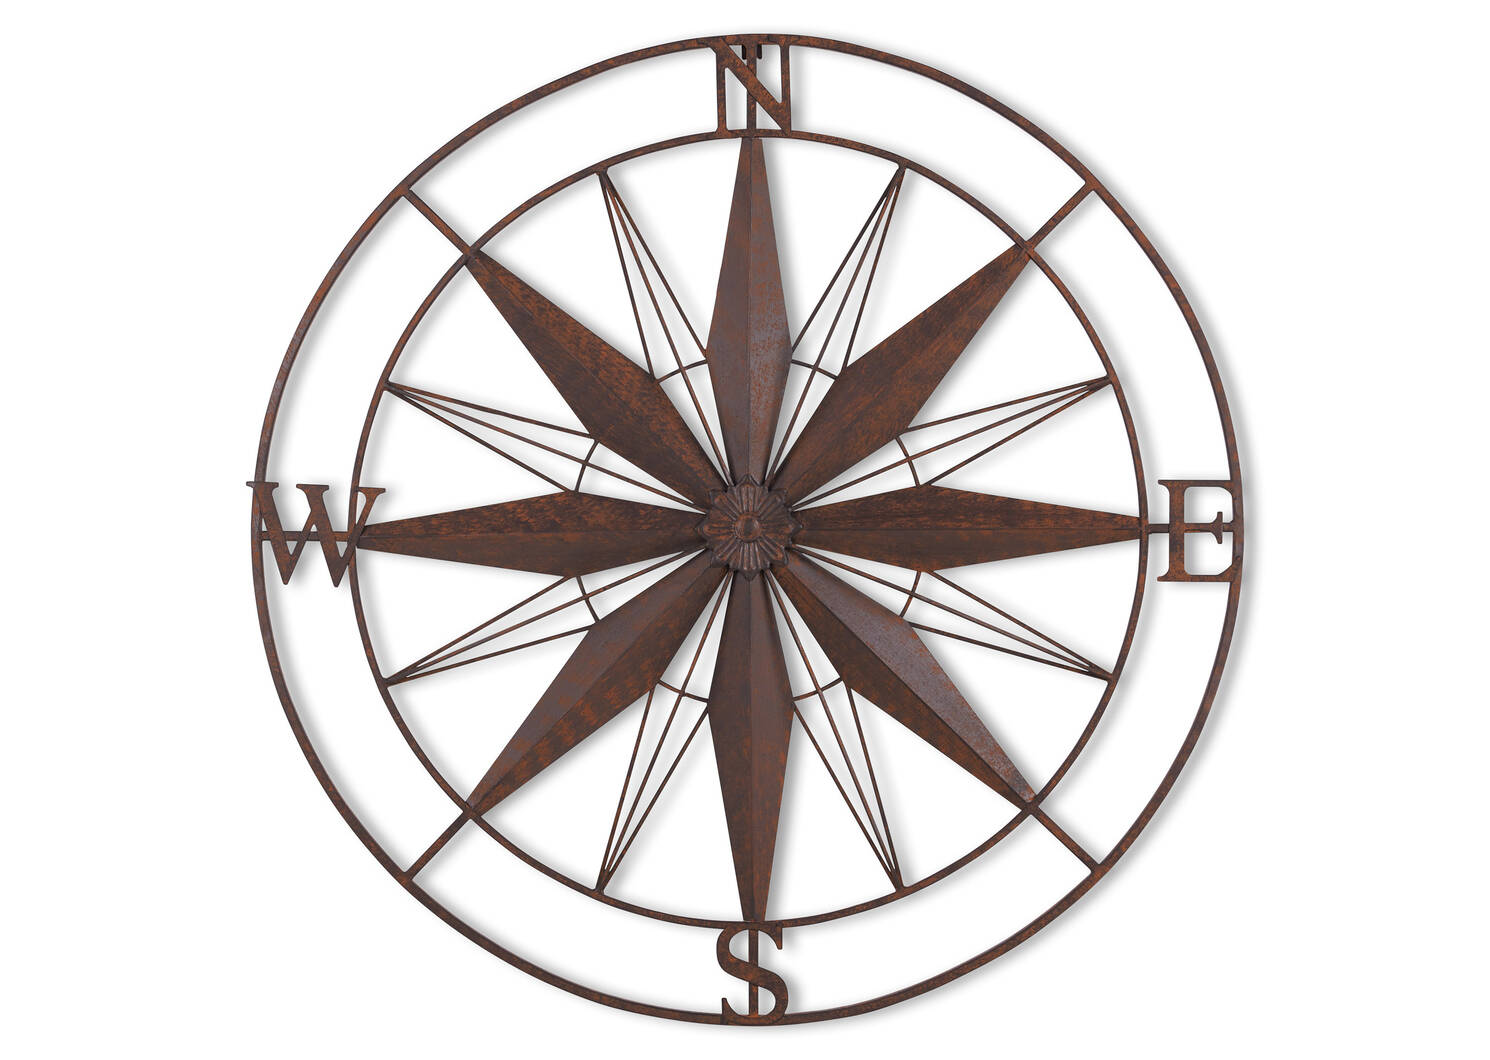 Span Compass Outdoor Wall Decor